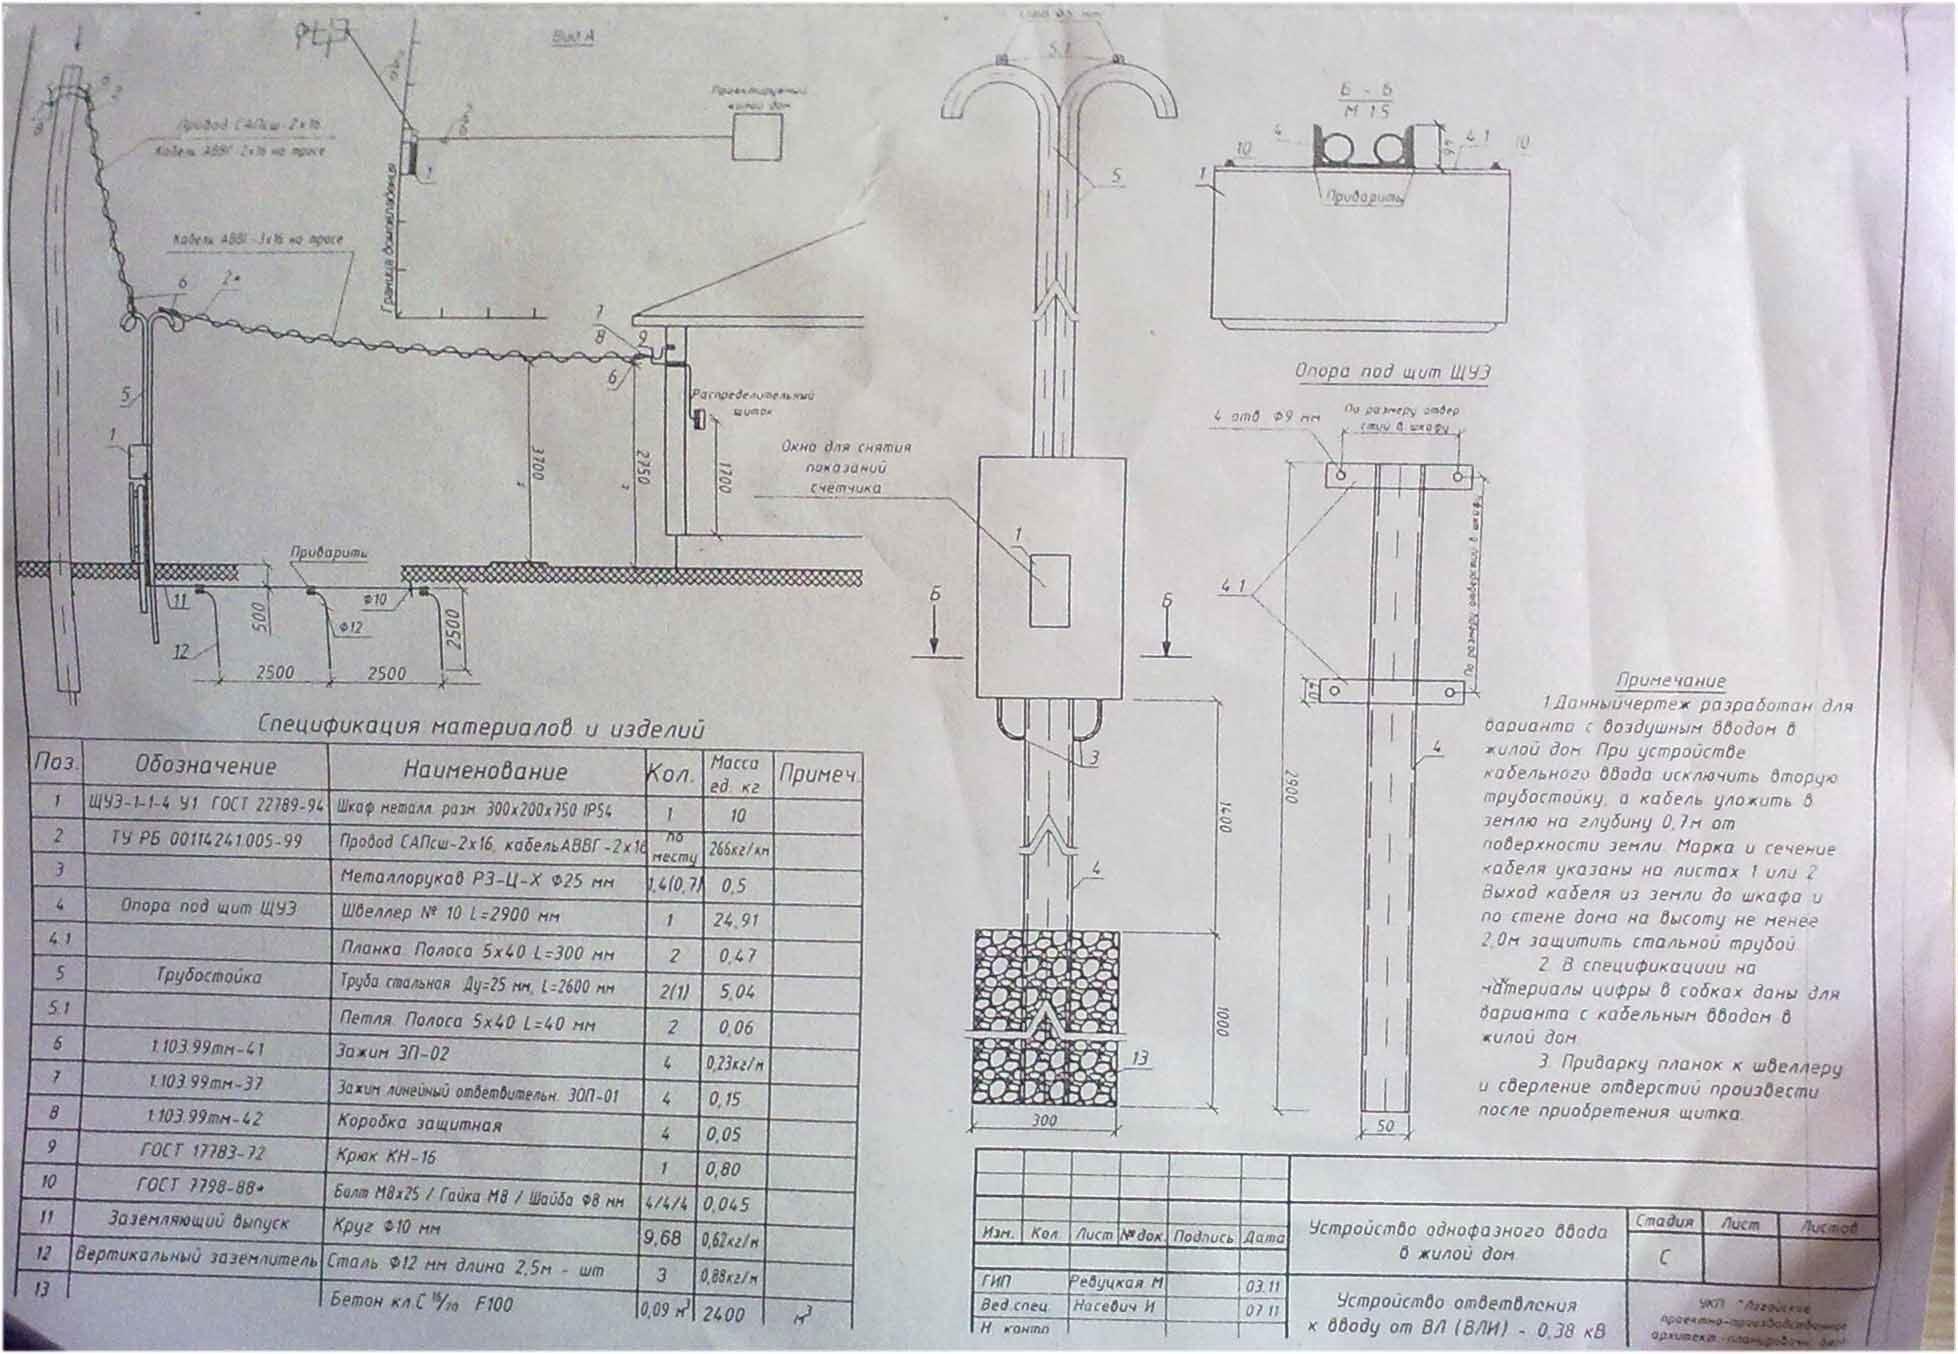 Электроснабжение садовых товариществ электроснабжение дома в